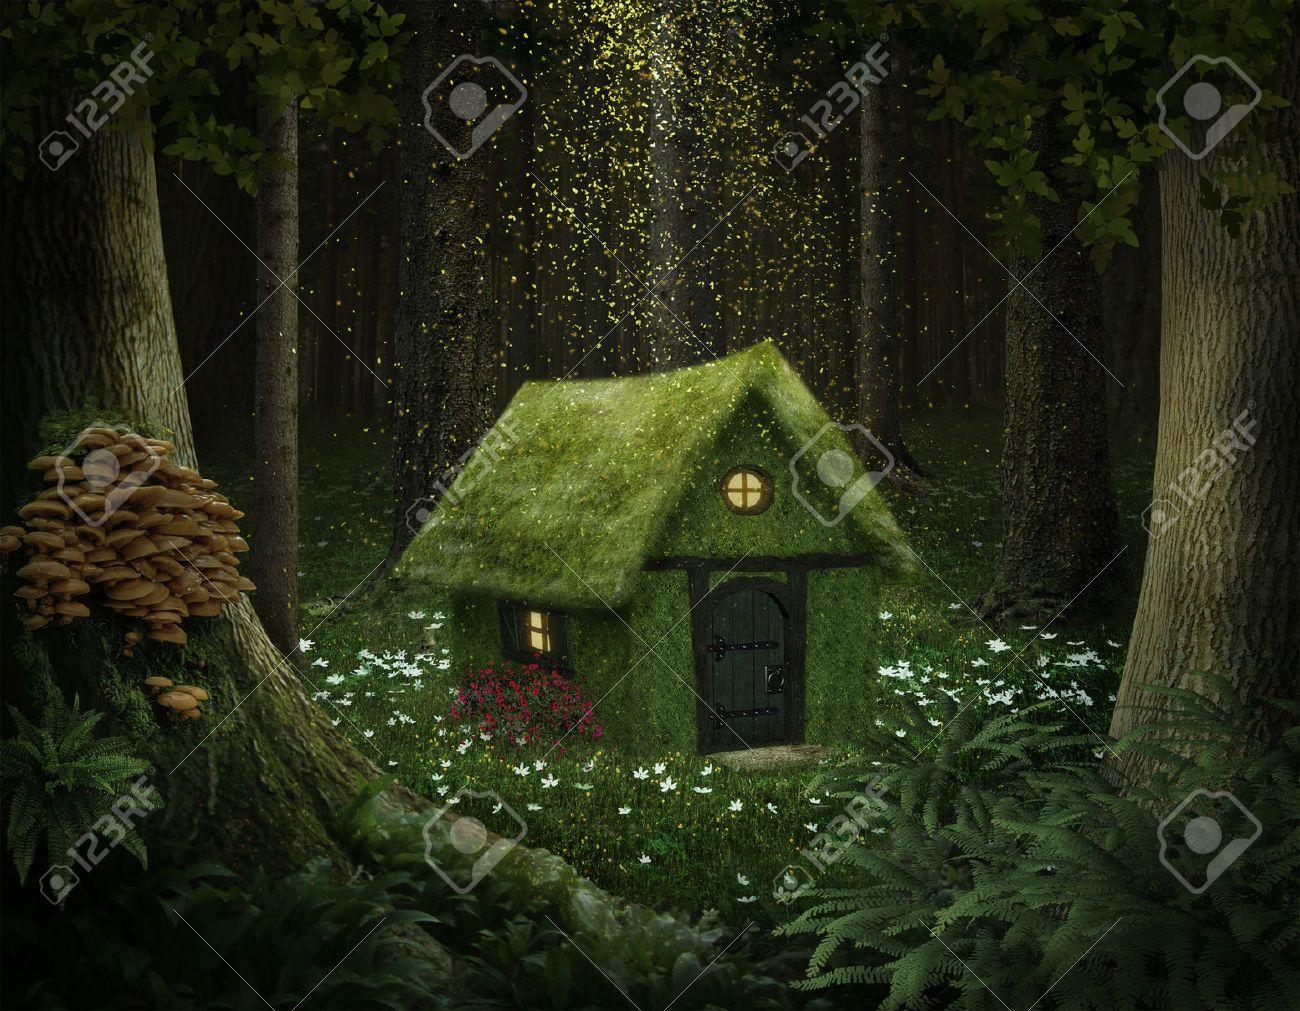 bosque encantado casita de musgo en un bosque encantado